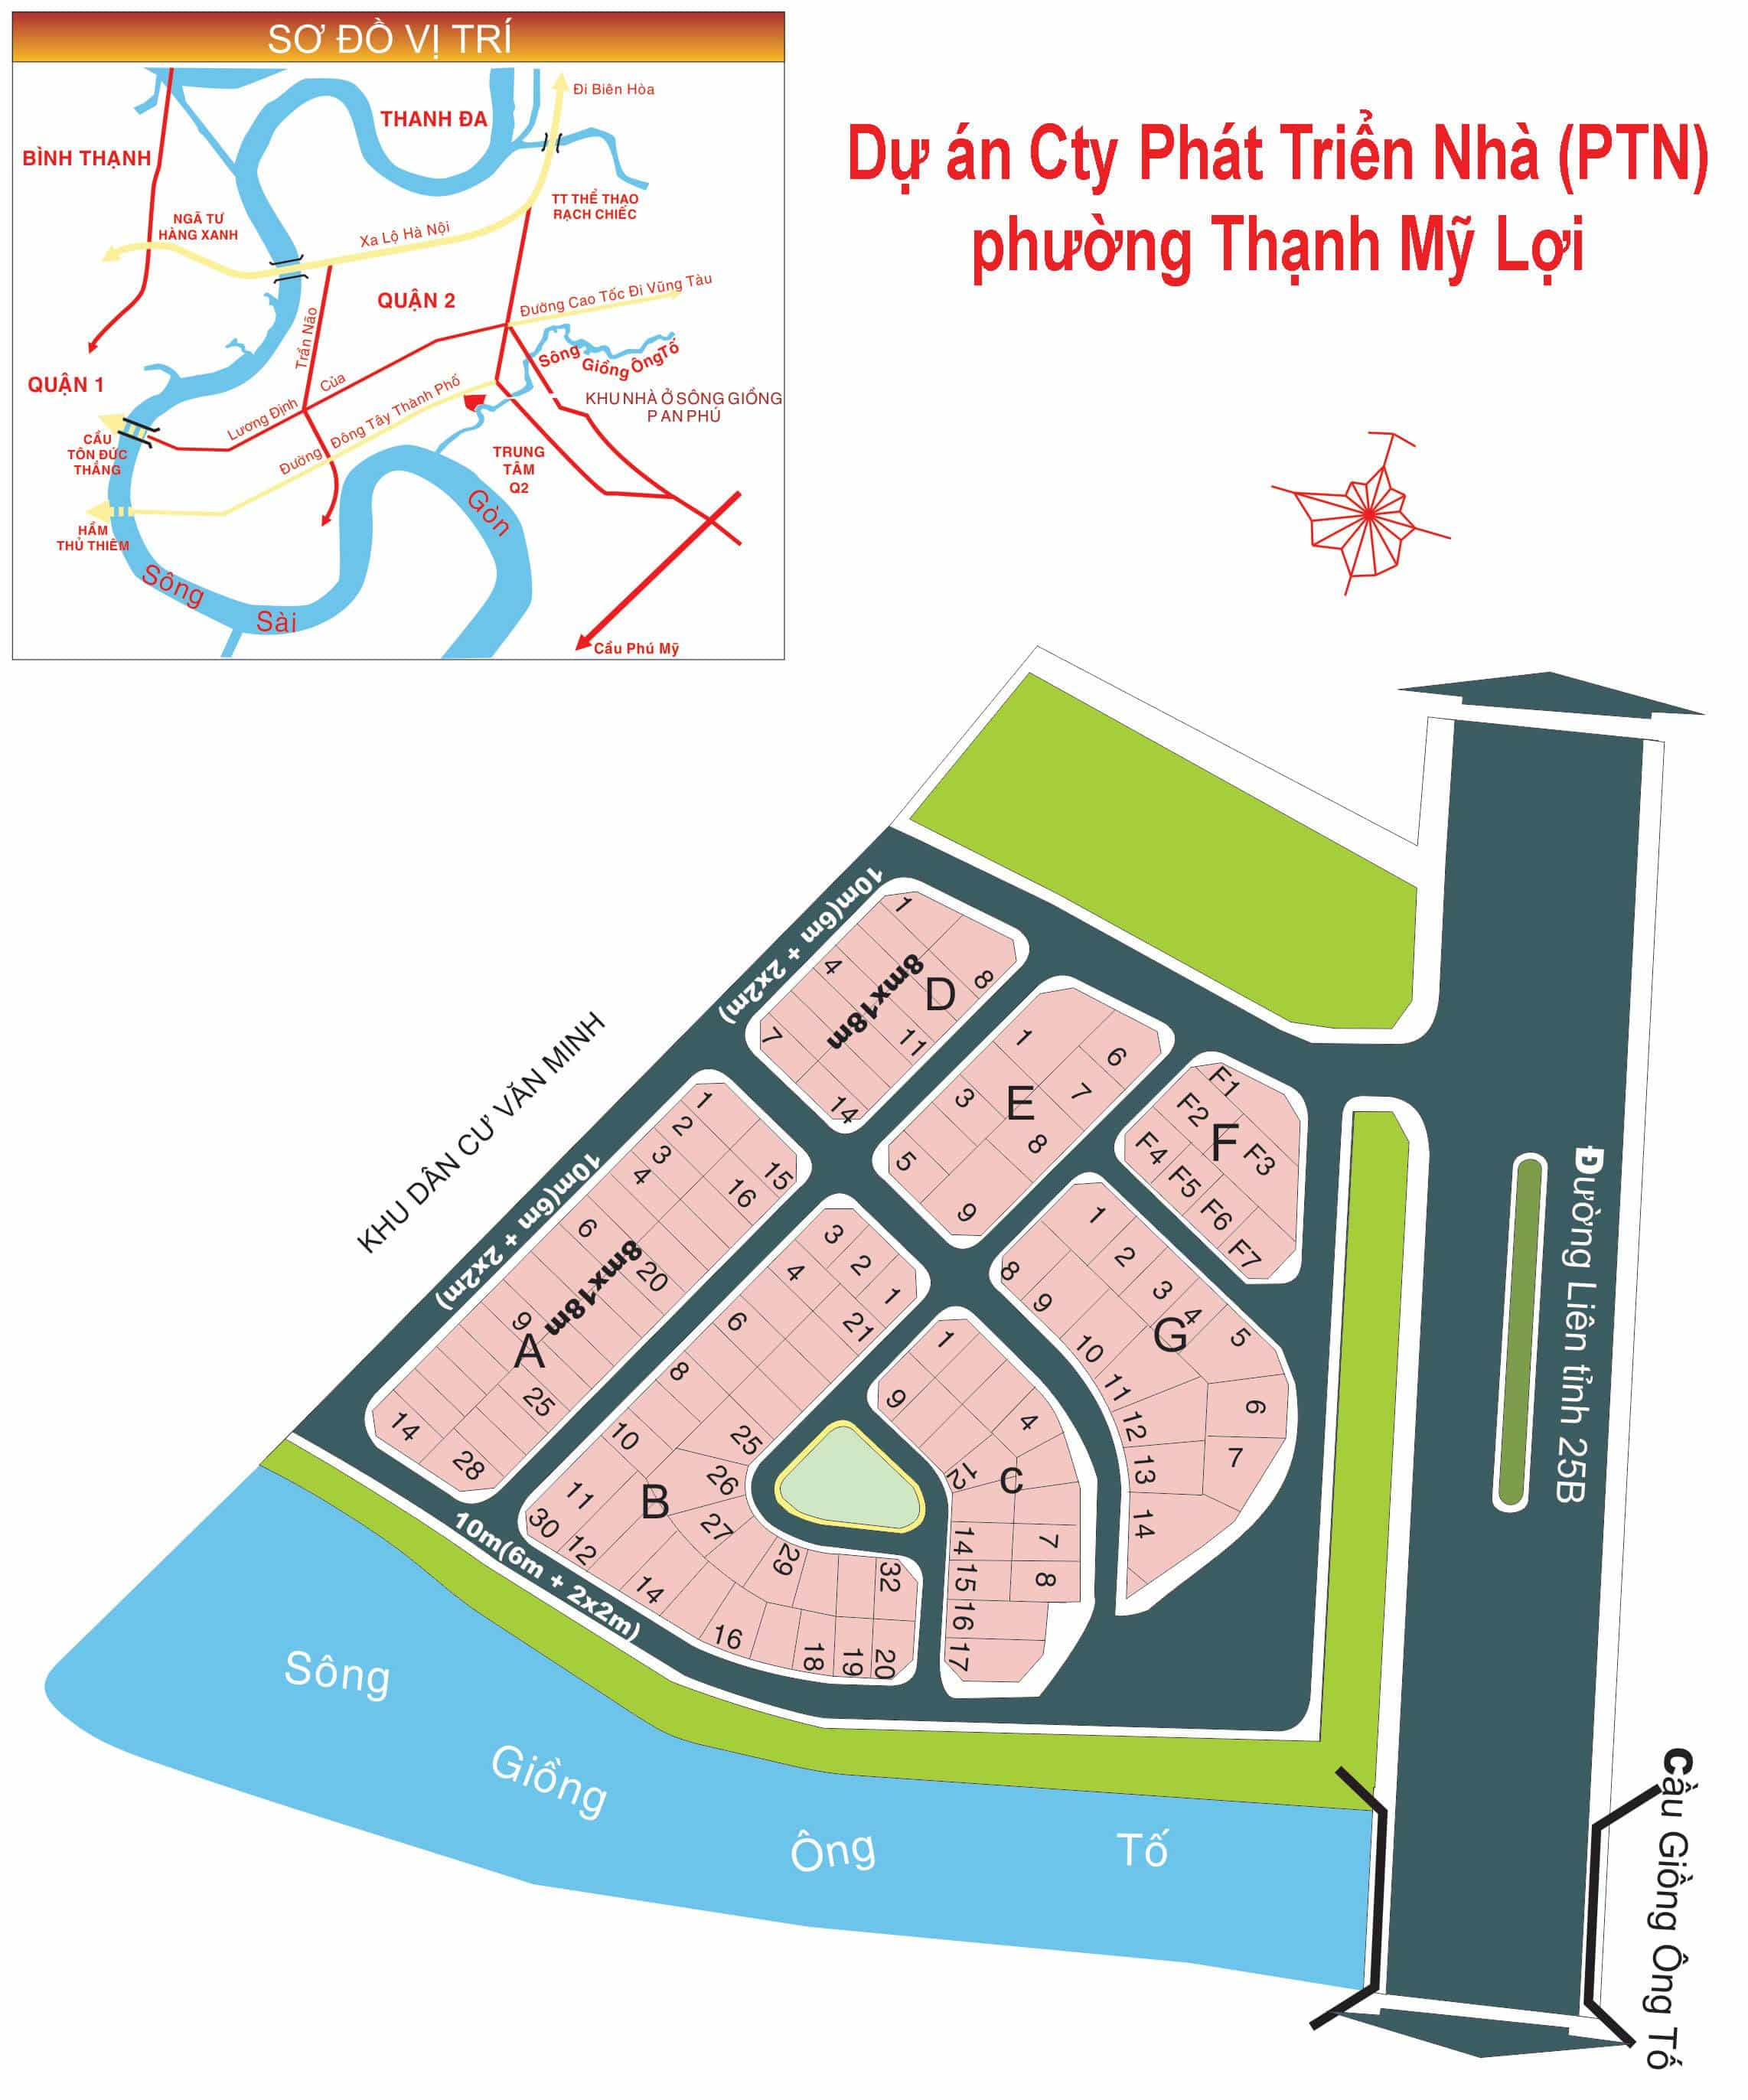 Bản đồ Dự án Cty Phát Triển Nhà phường Thạnh Mỹ Lợi